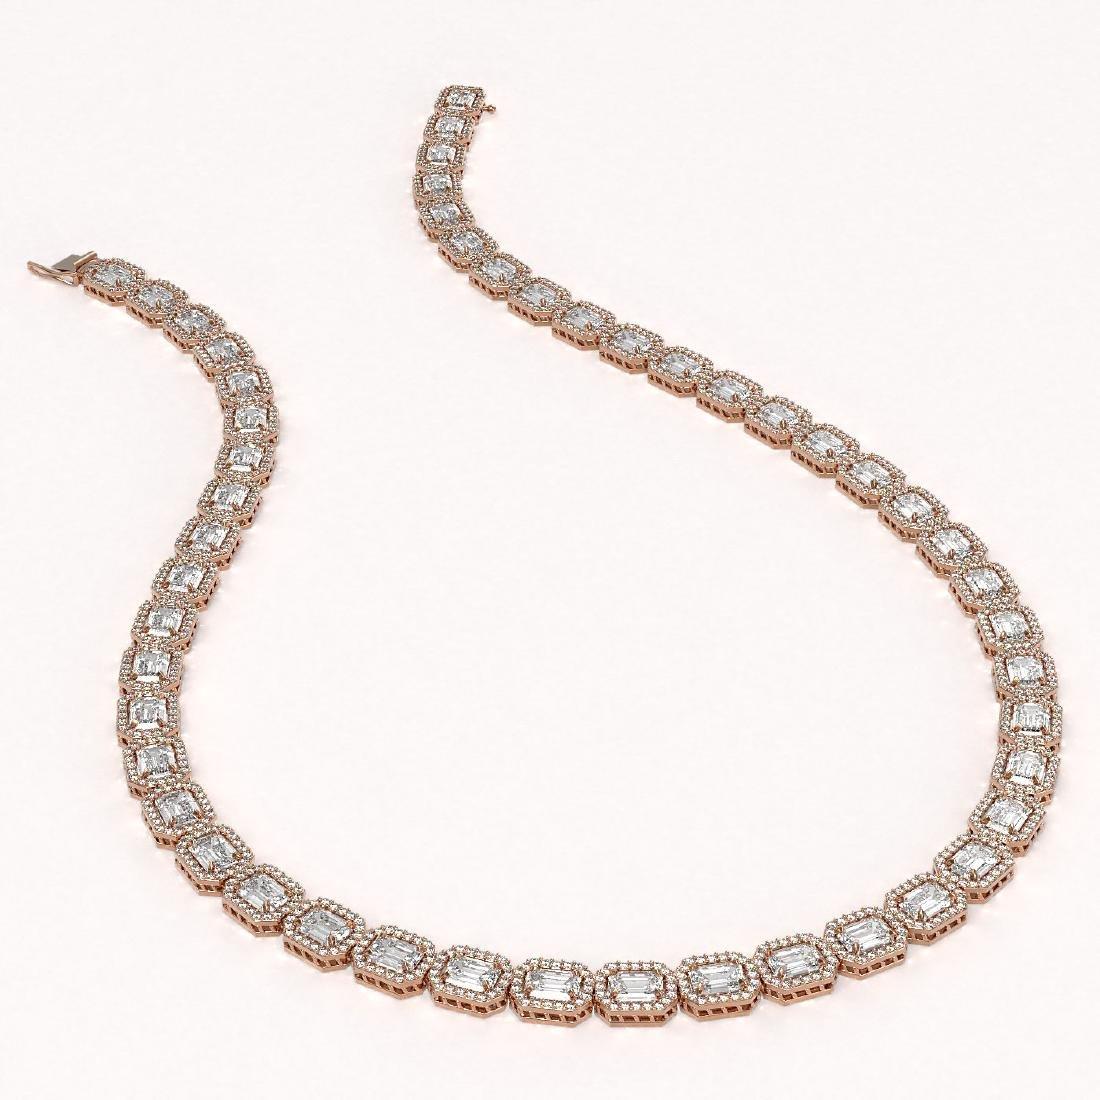 38.05 CTW Emerald Cut Diamond Designer Necklace 18K - 2